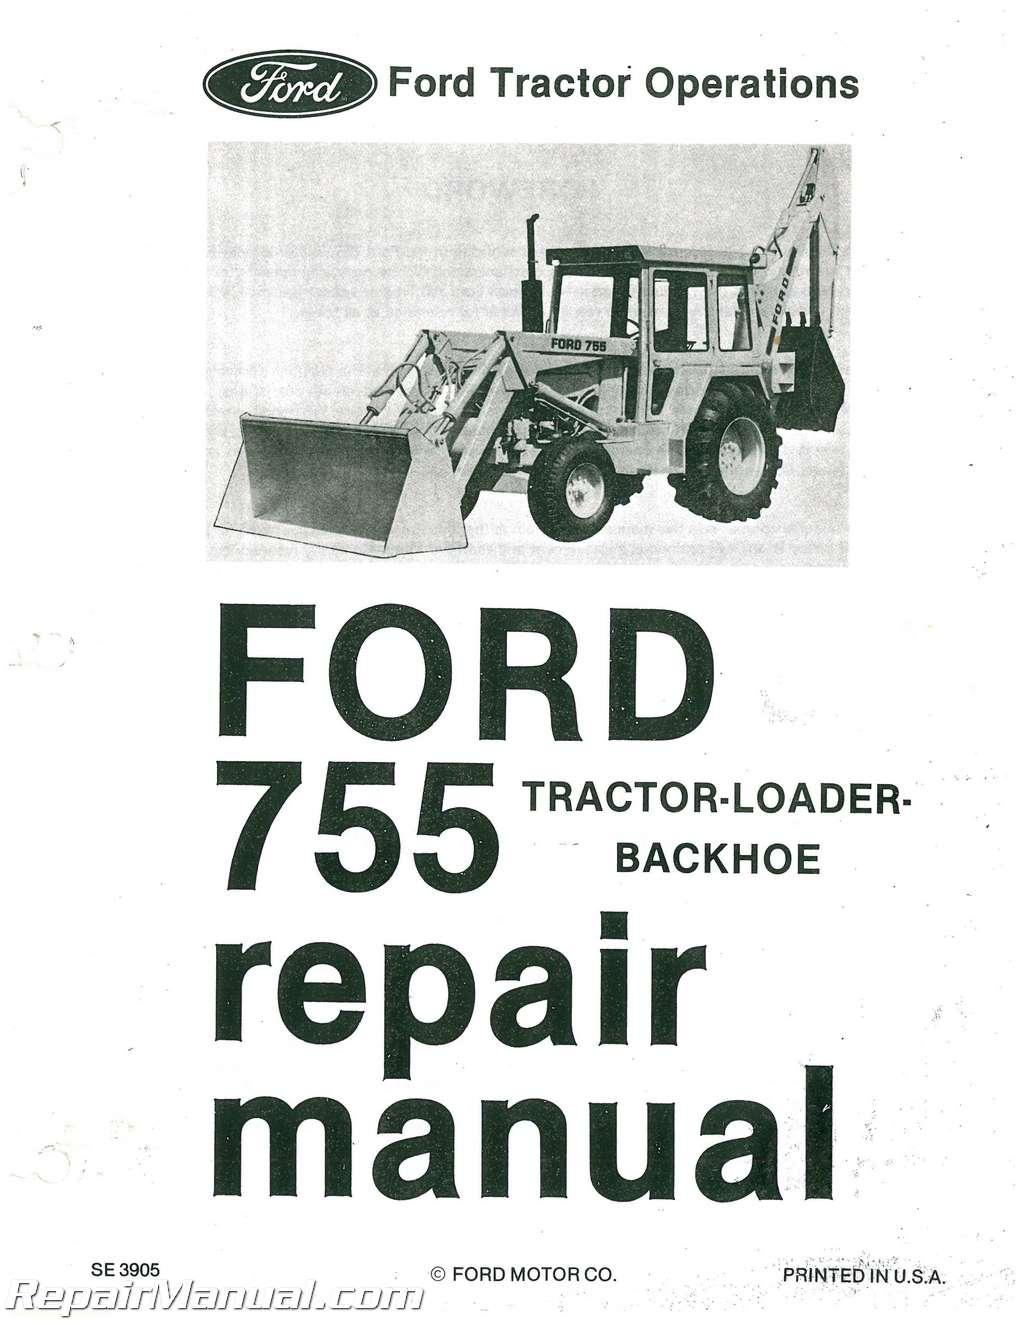 Ford-755-Tractor-Loader-Backhoe-Service-Manual_001.jpg ...